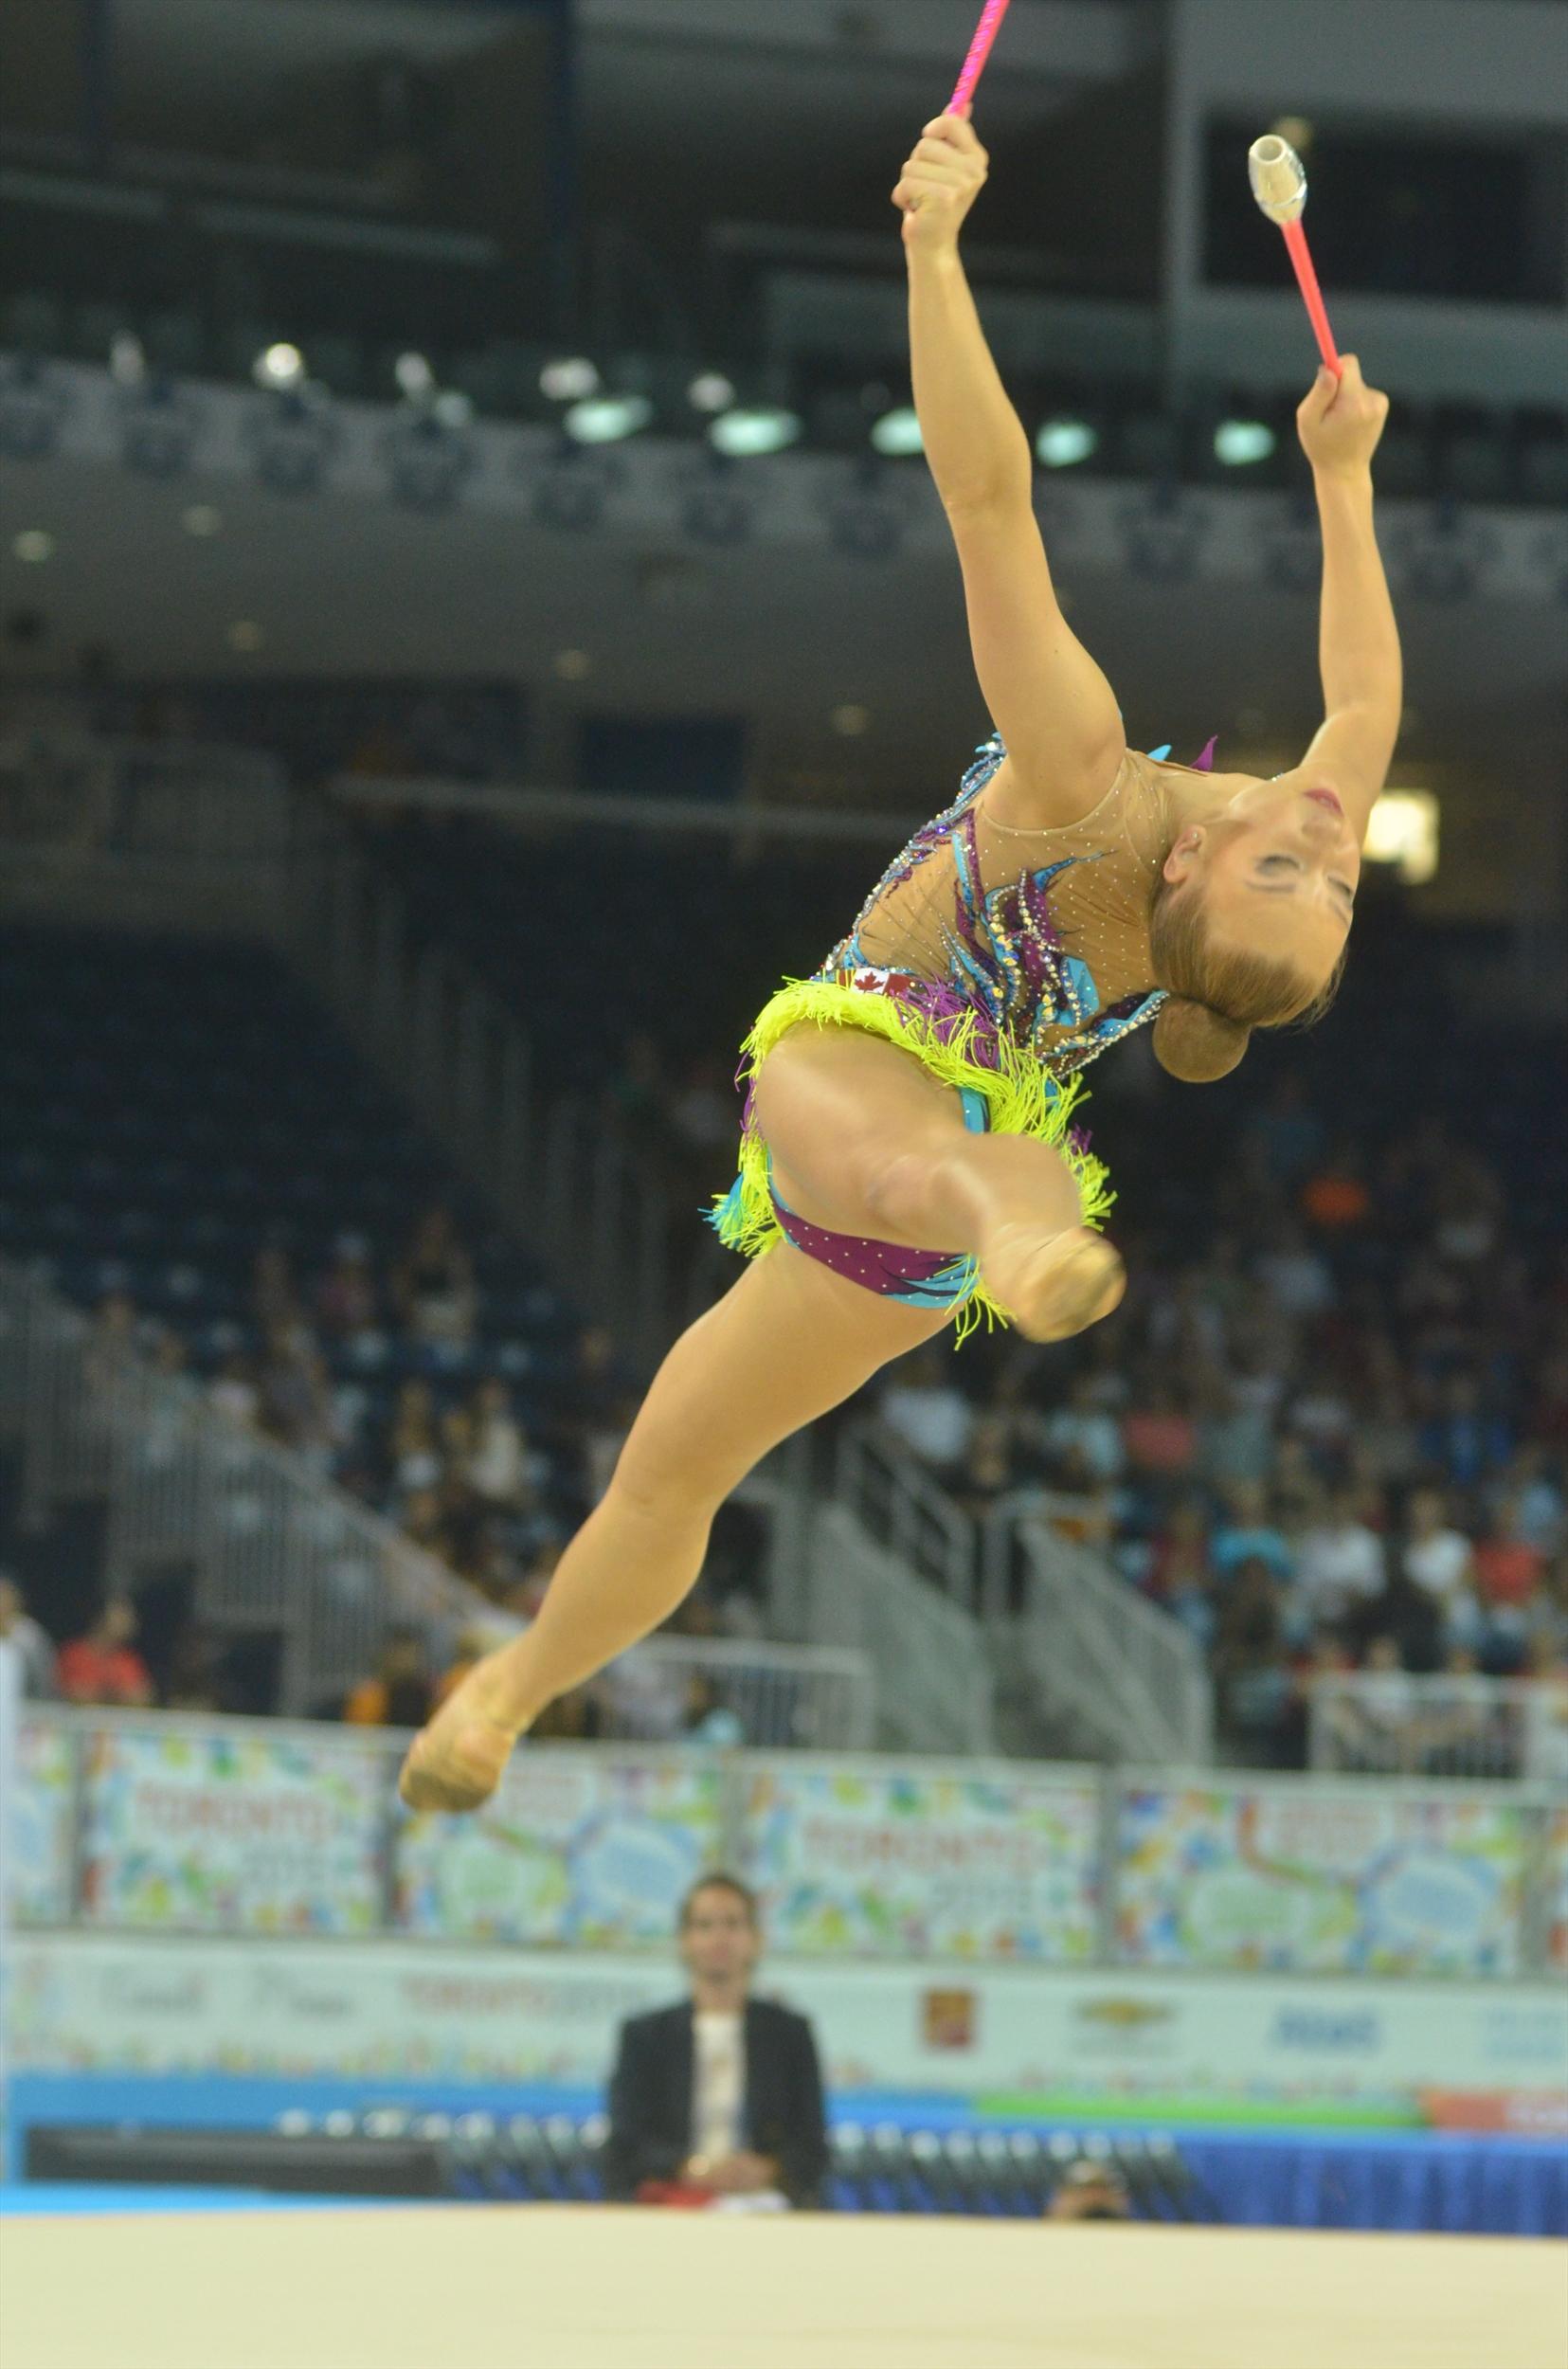 Patricia Bezzoubenko